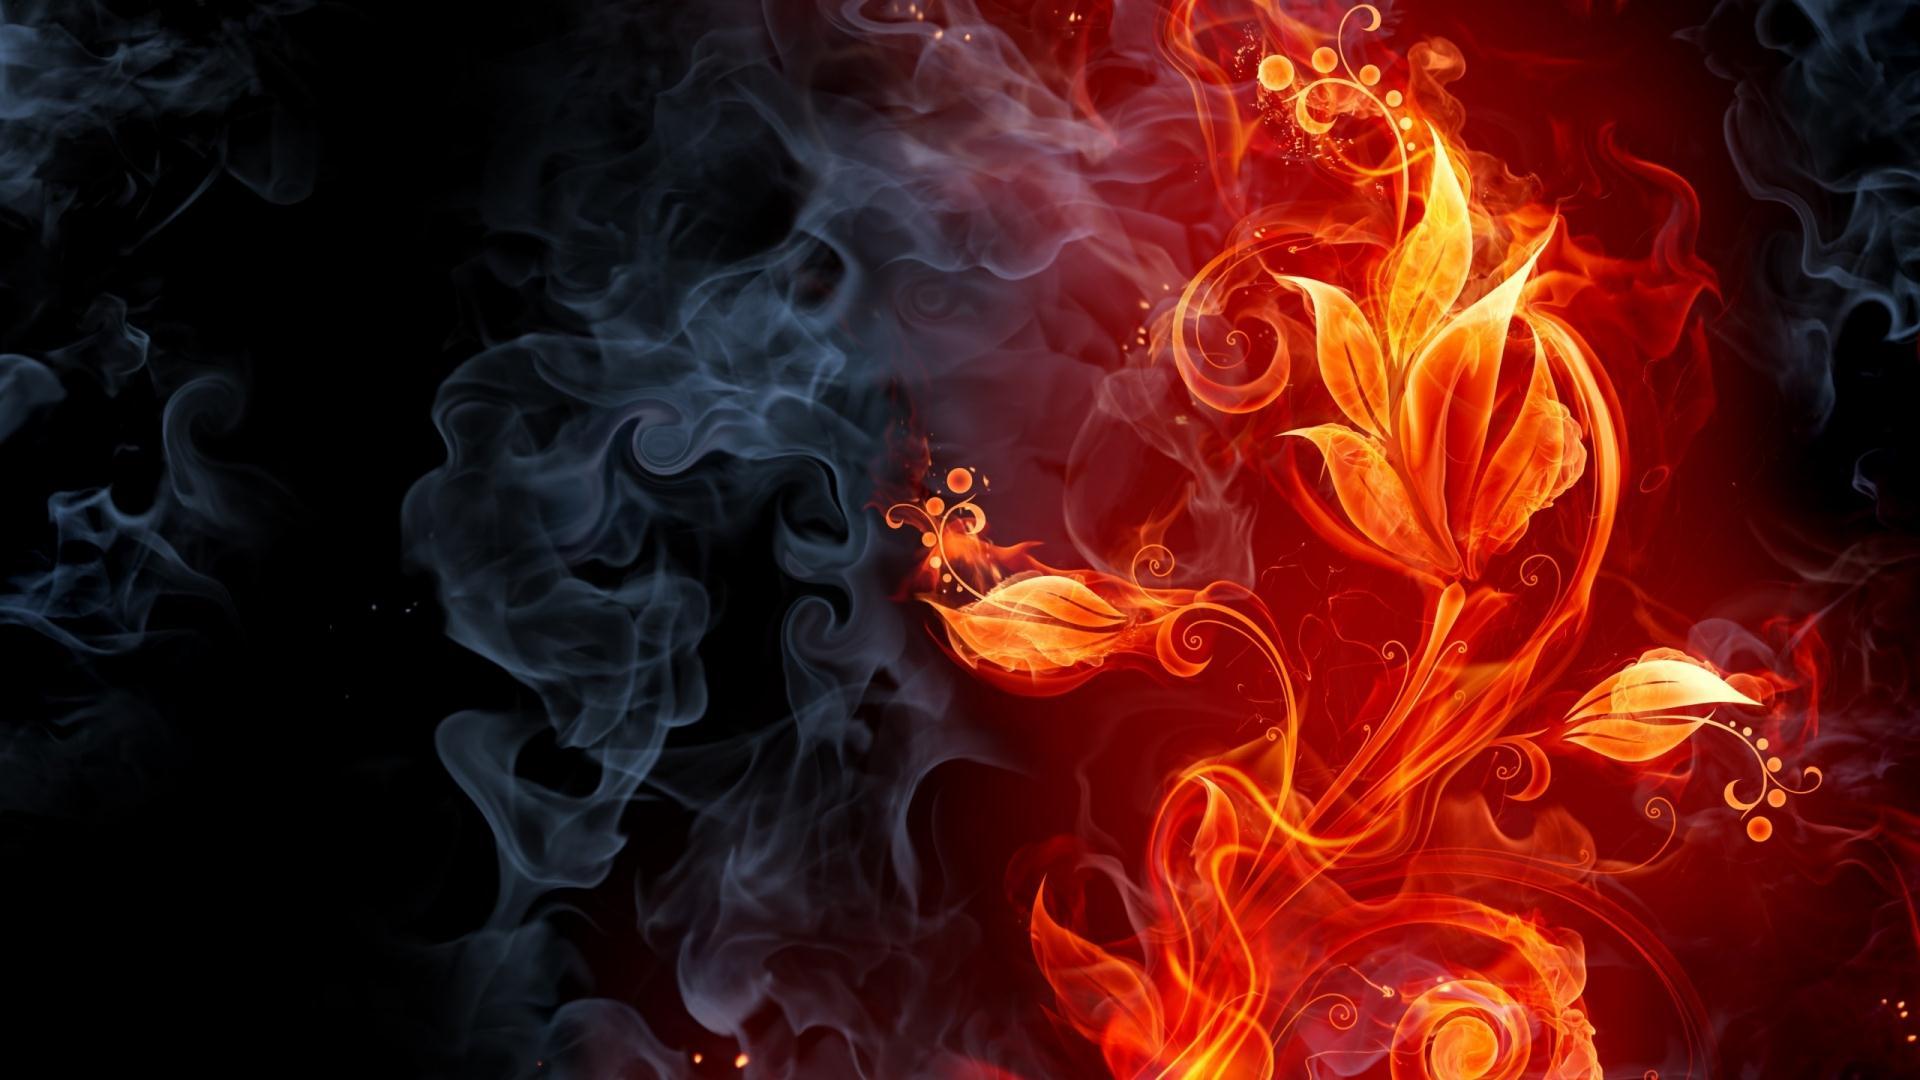 Hình nền lửa hd